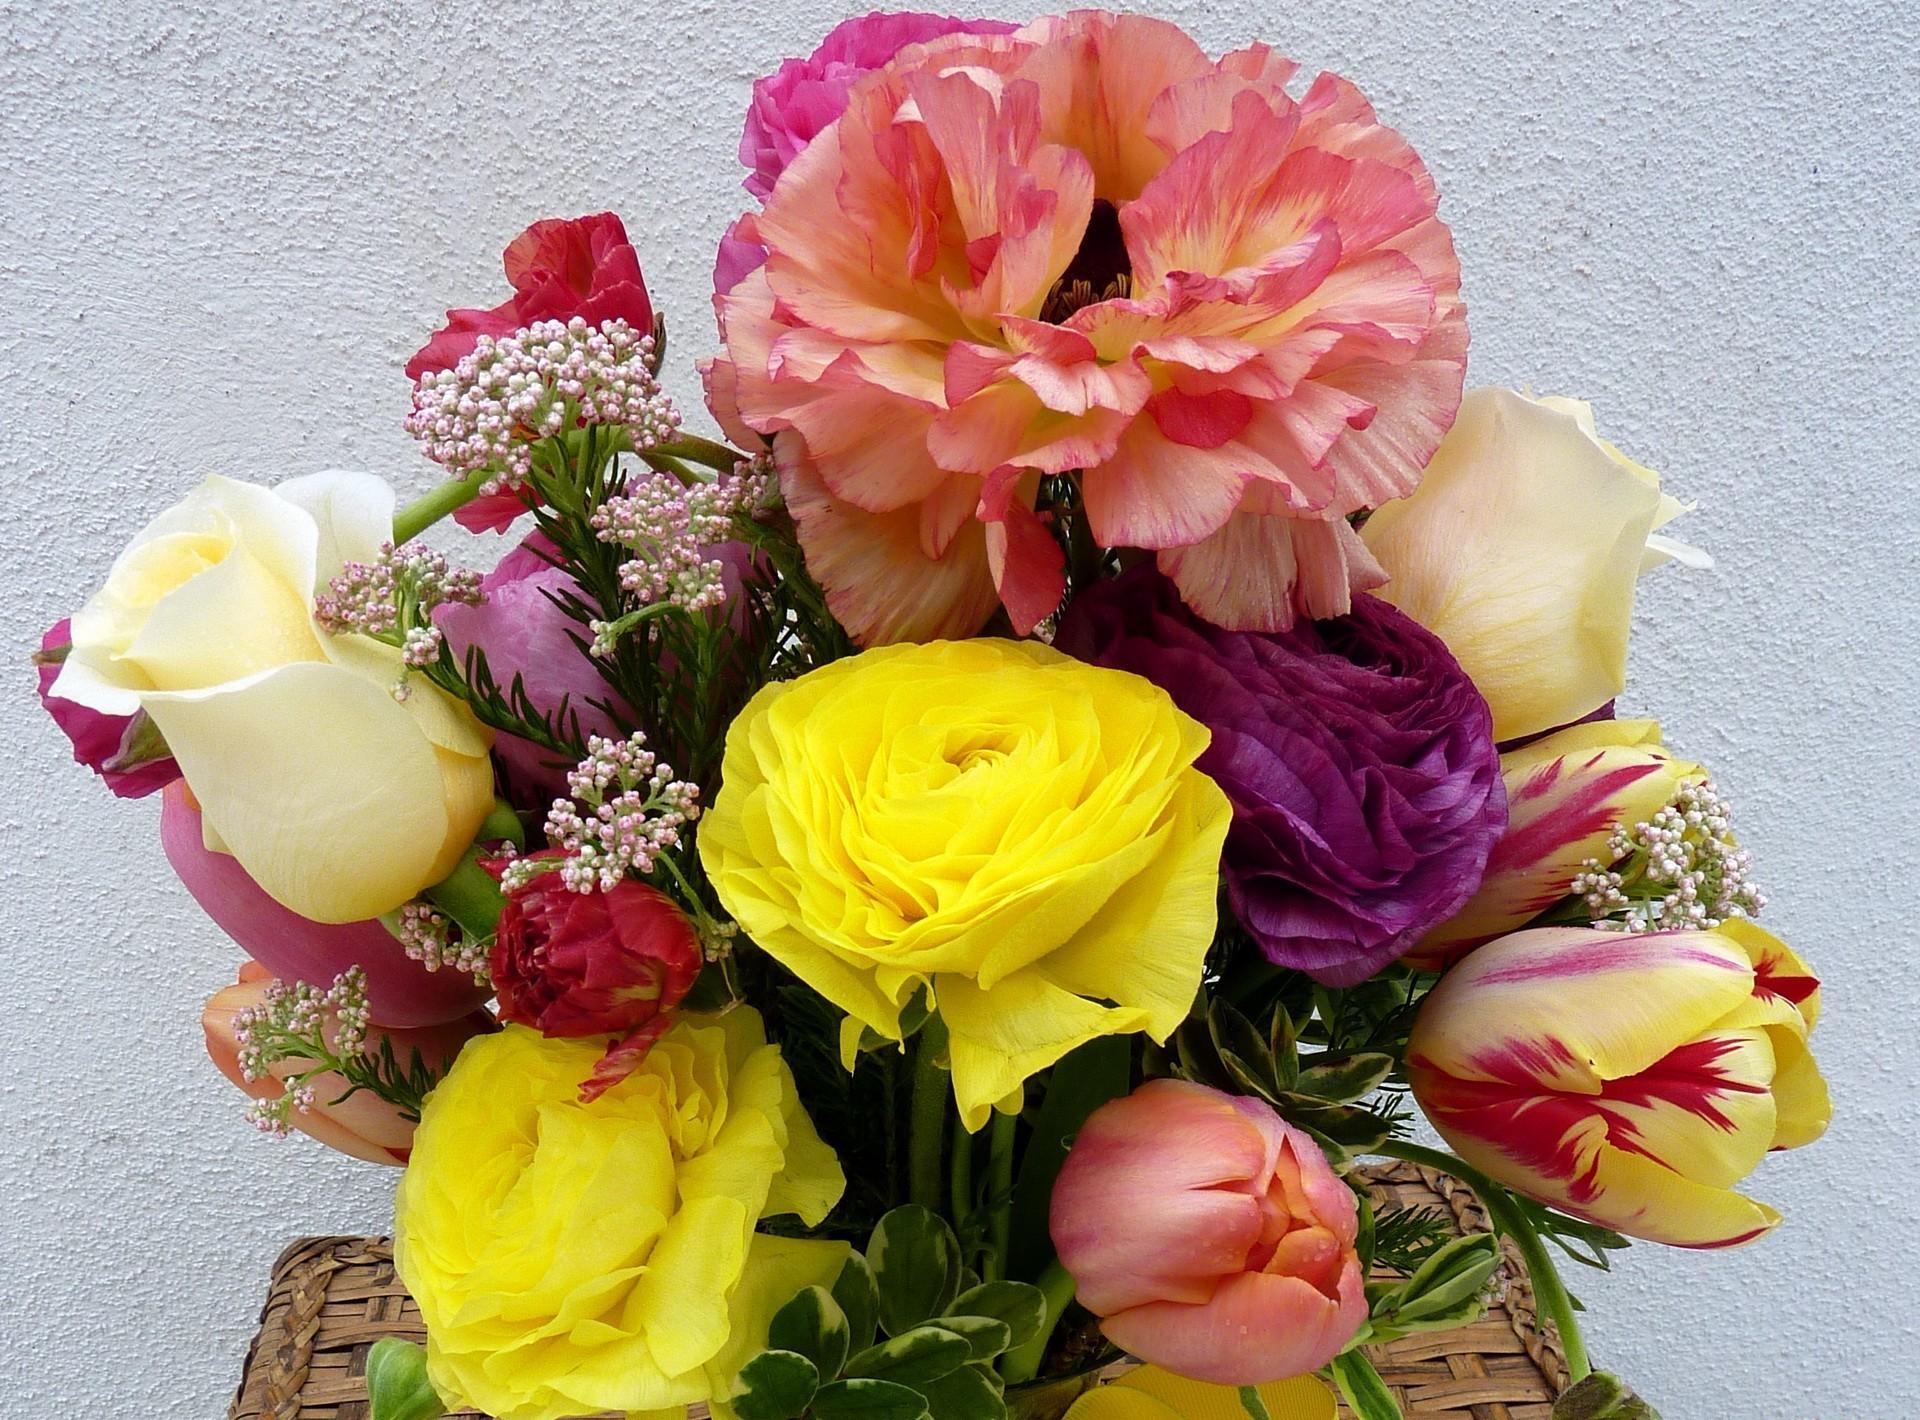 Картинки цветов тюльпанов и роз, открытки продажу